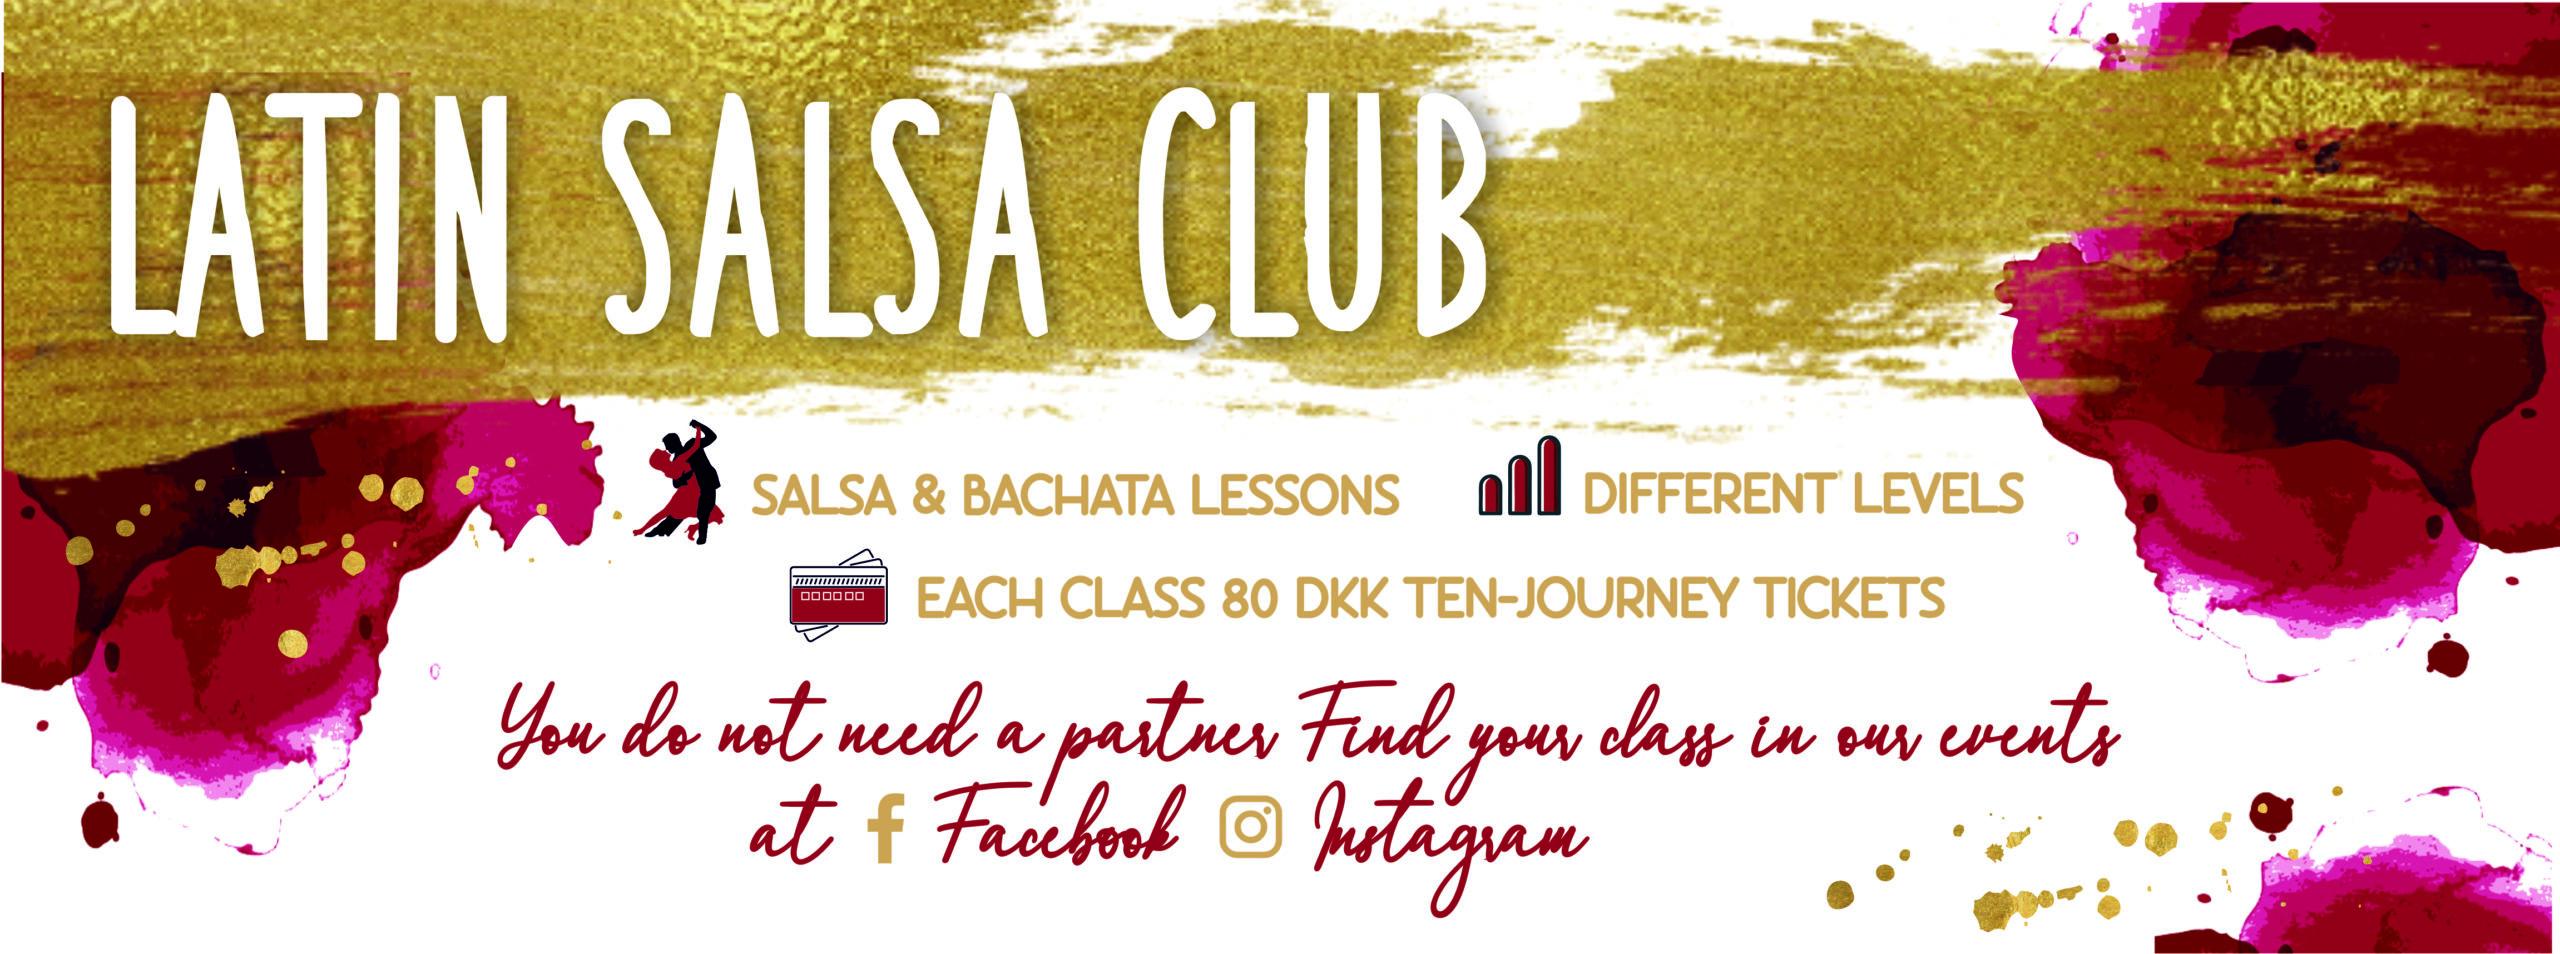 Latin Salsa Club